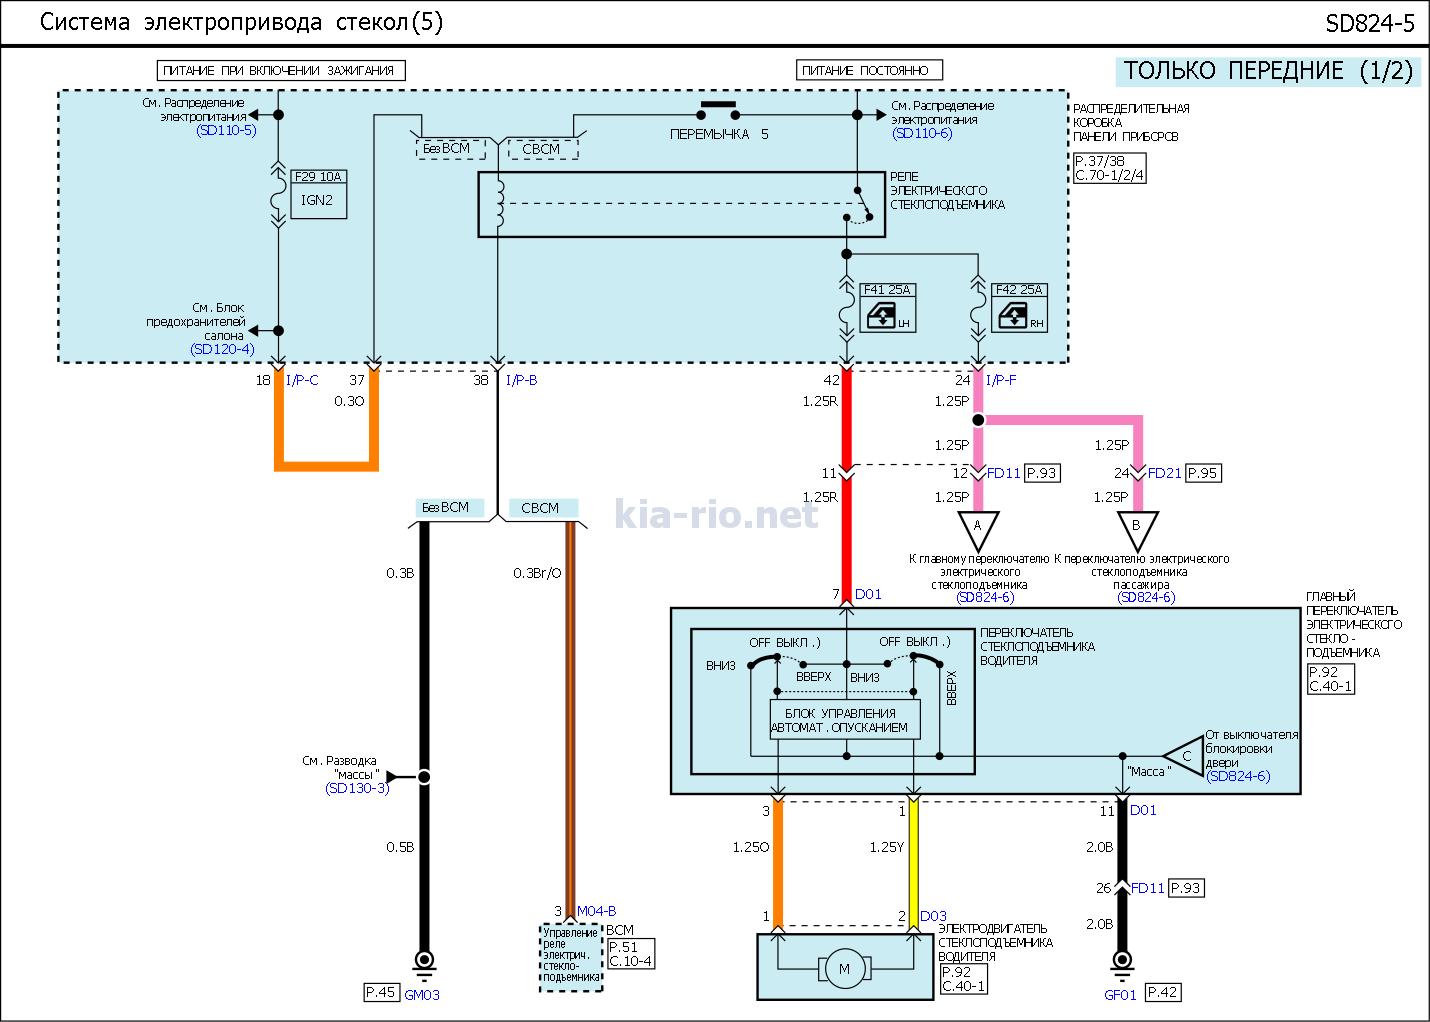 Схема подключения кнопок на руле киа рио